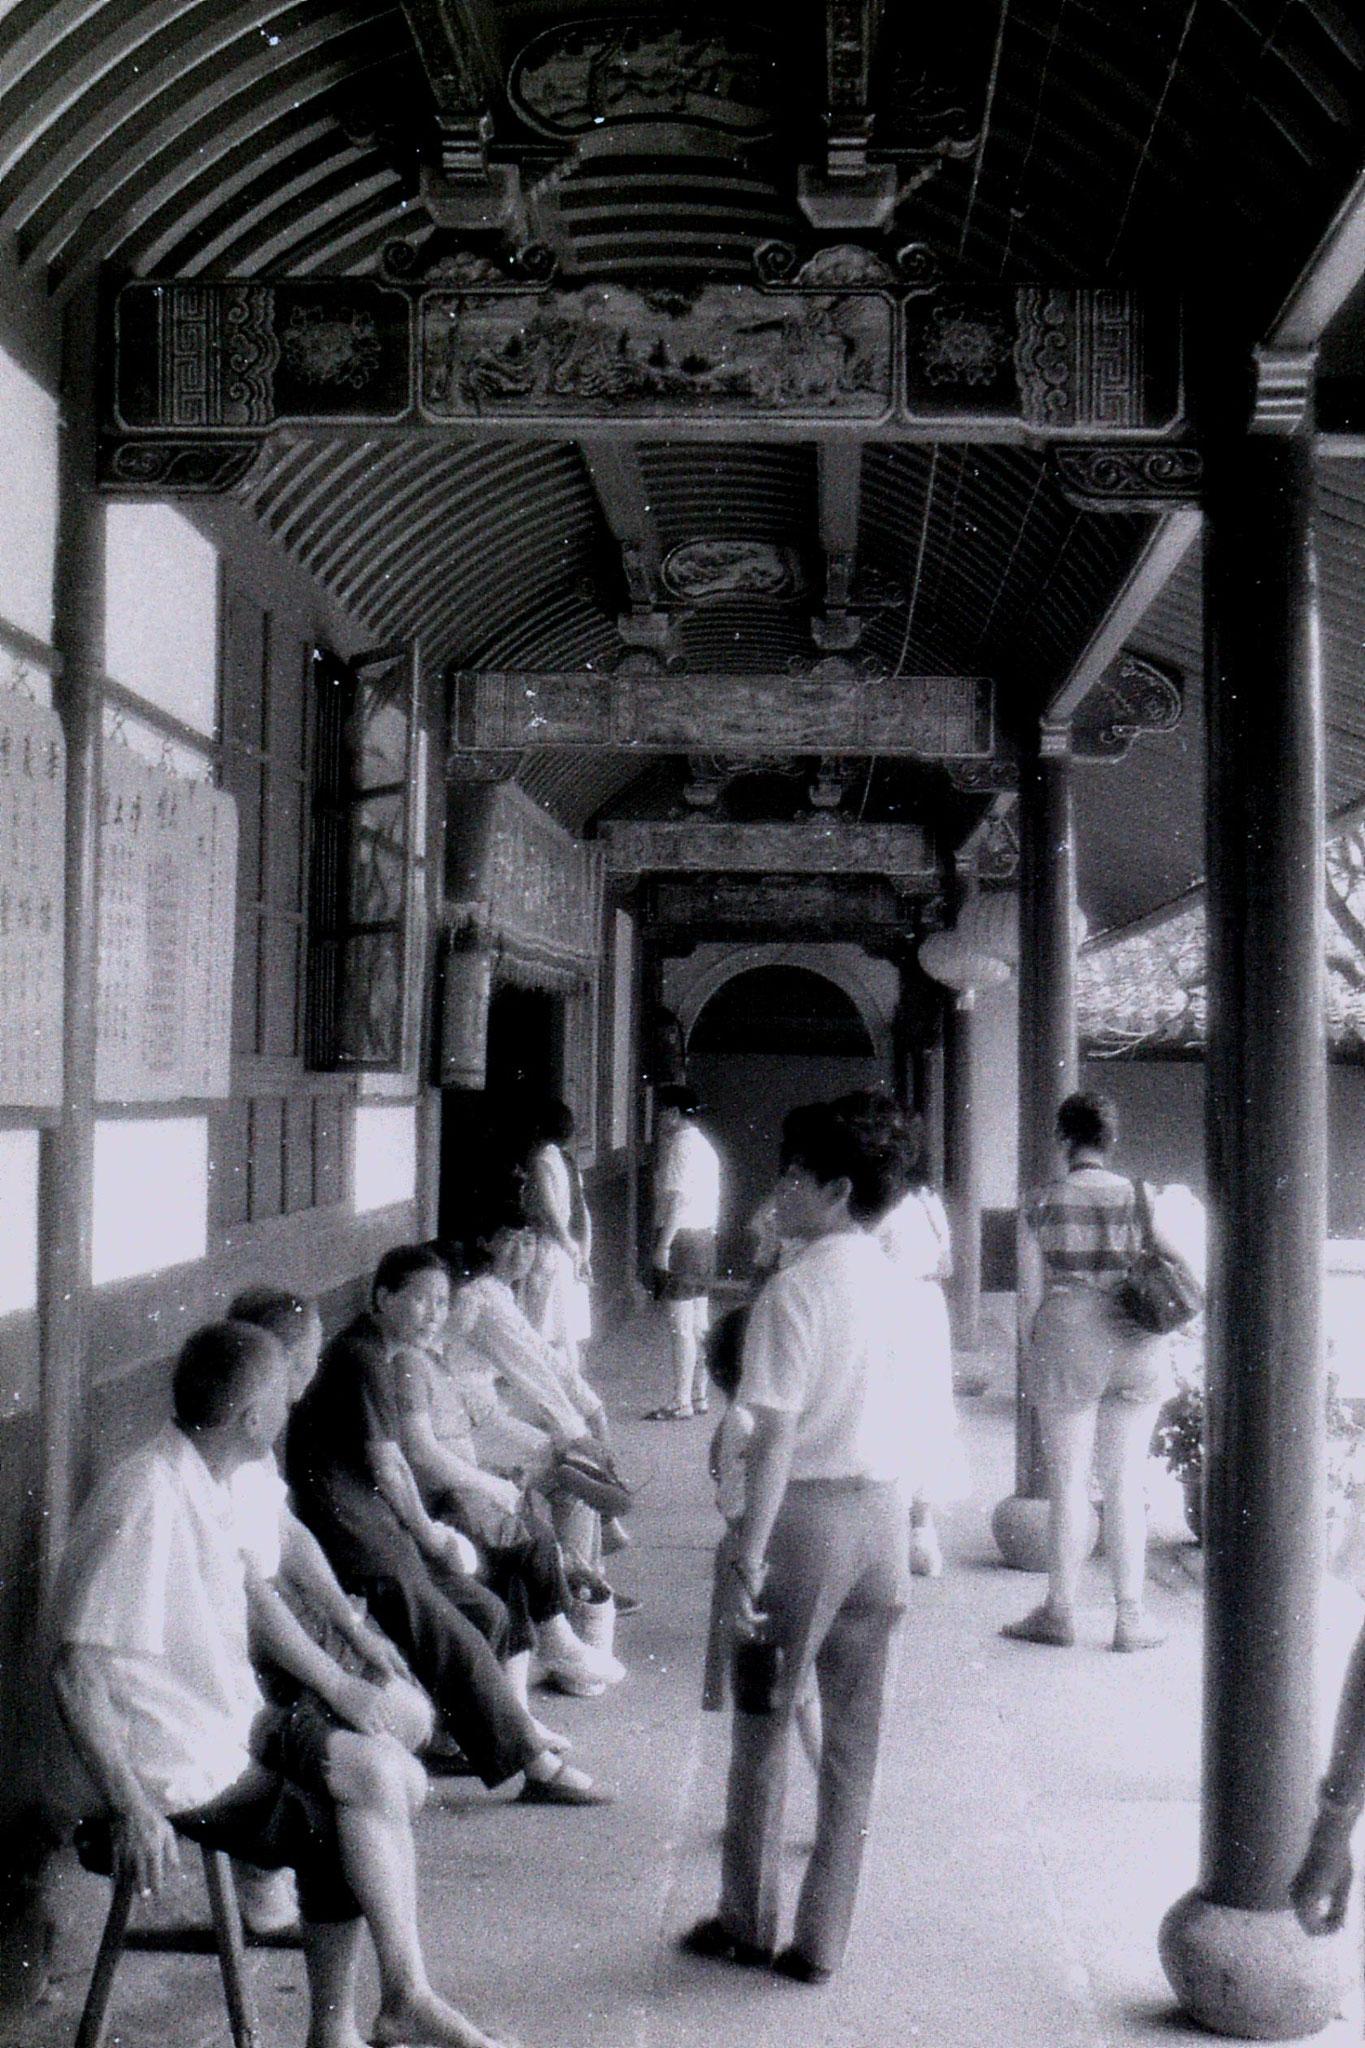 24/7/1989: 32: Putuo, corridor